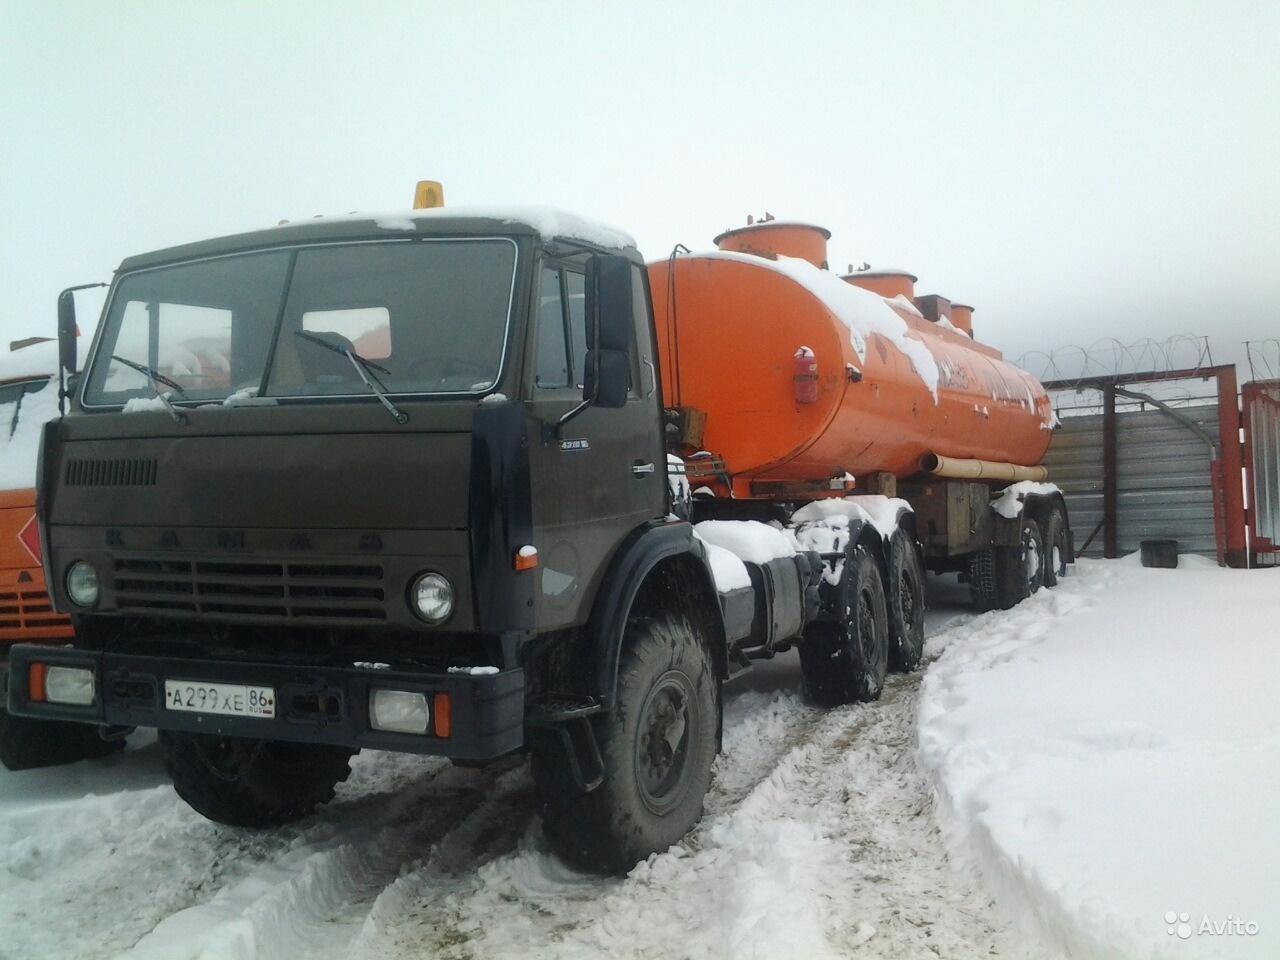 ВБашкирии компания заплатит 400 000 руб. заинвалидность рабочего